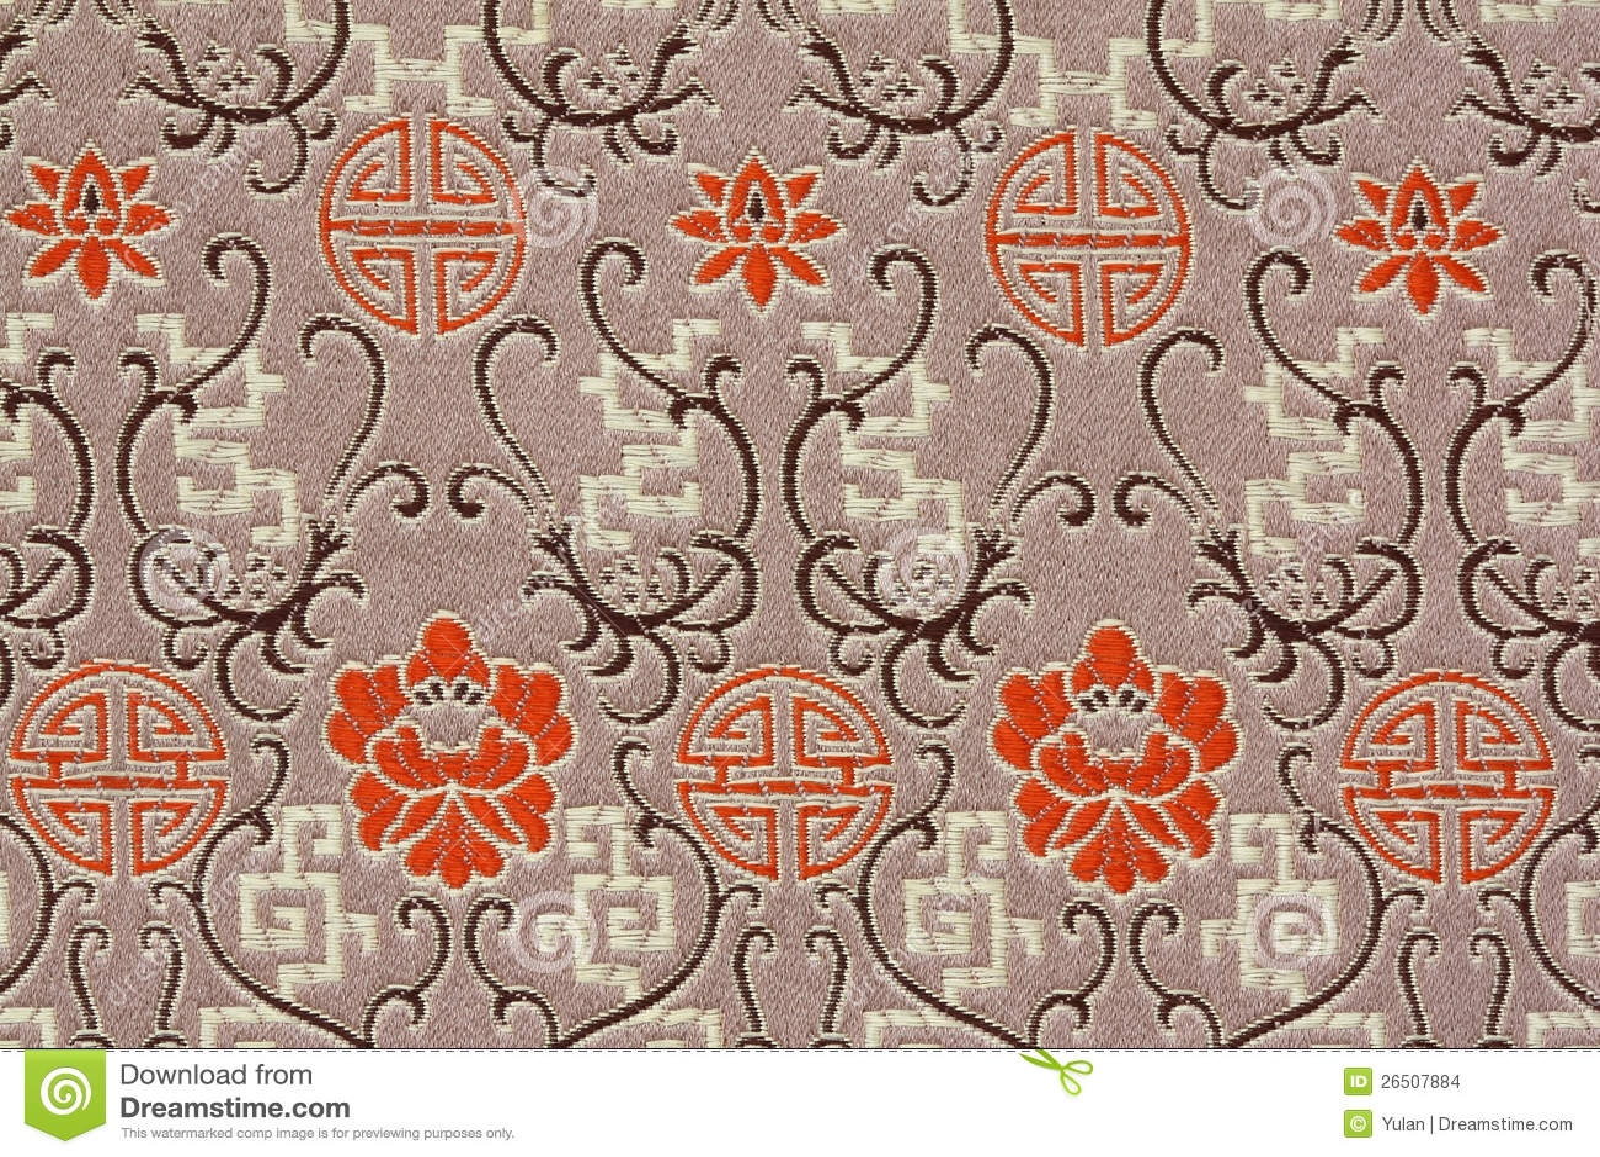 Het oosterse patroon van de stof van de zijde stock afbeeldingen afbeelding 26507884 - Oosters stof ...